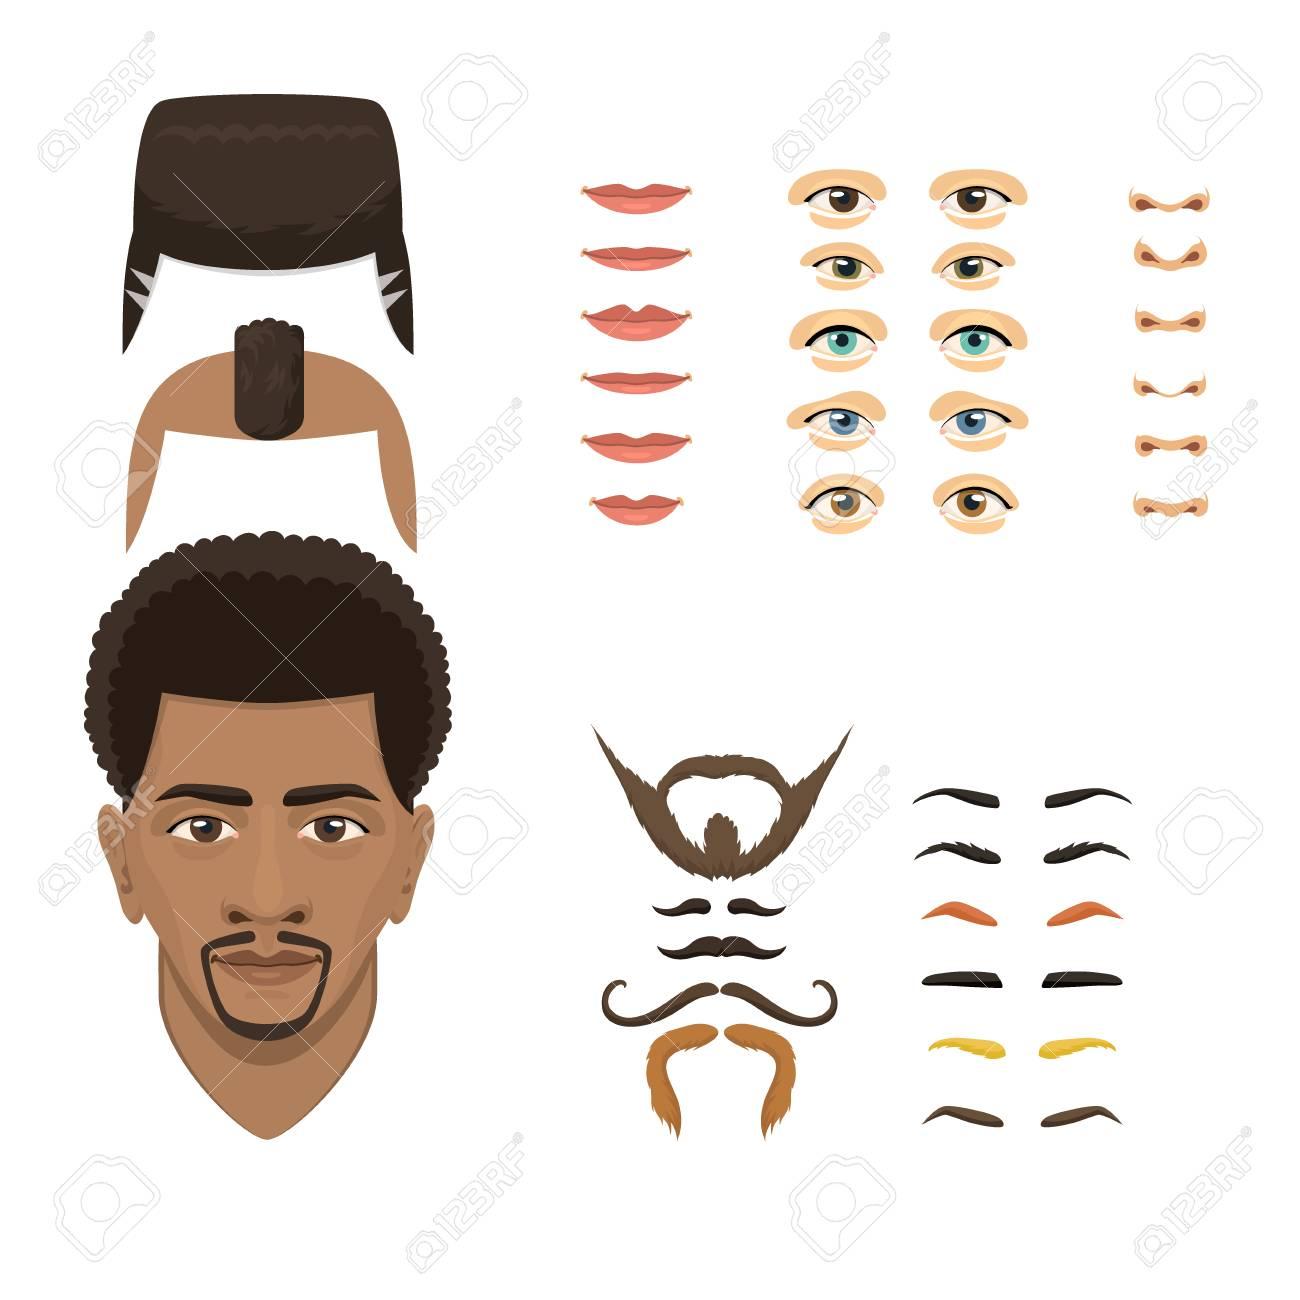 Homem Rosto Emocoes Partes Do Construtor Olhos Nariz Labios